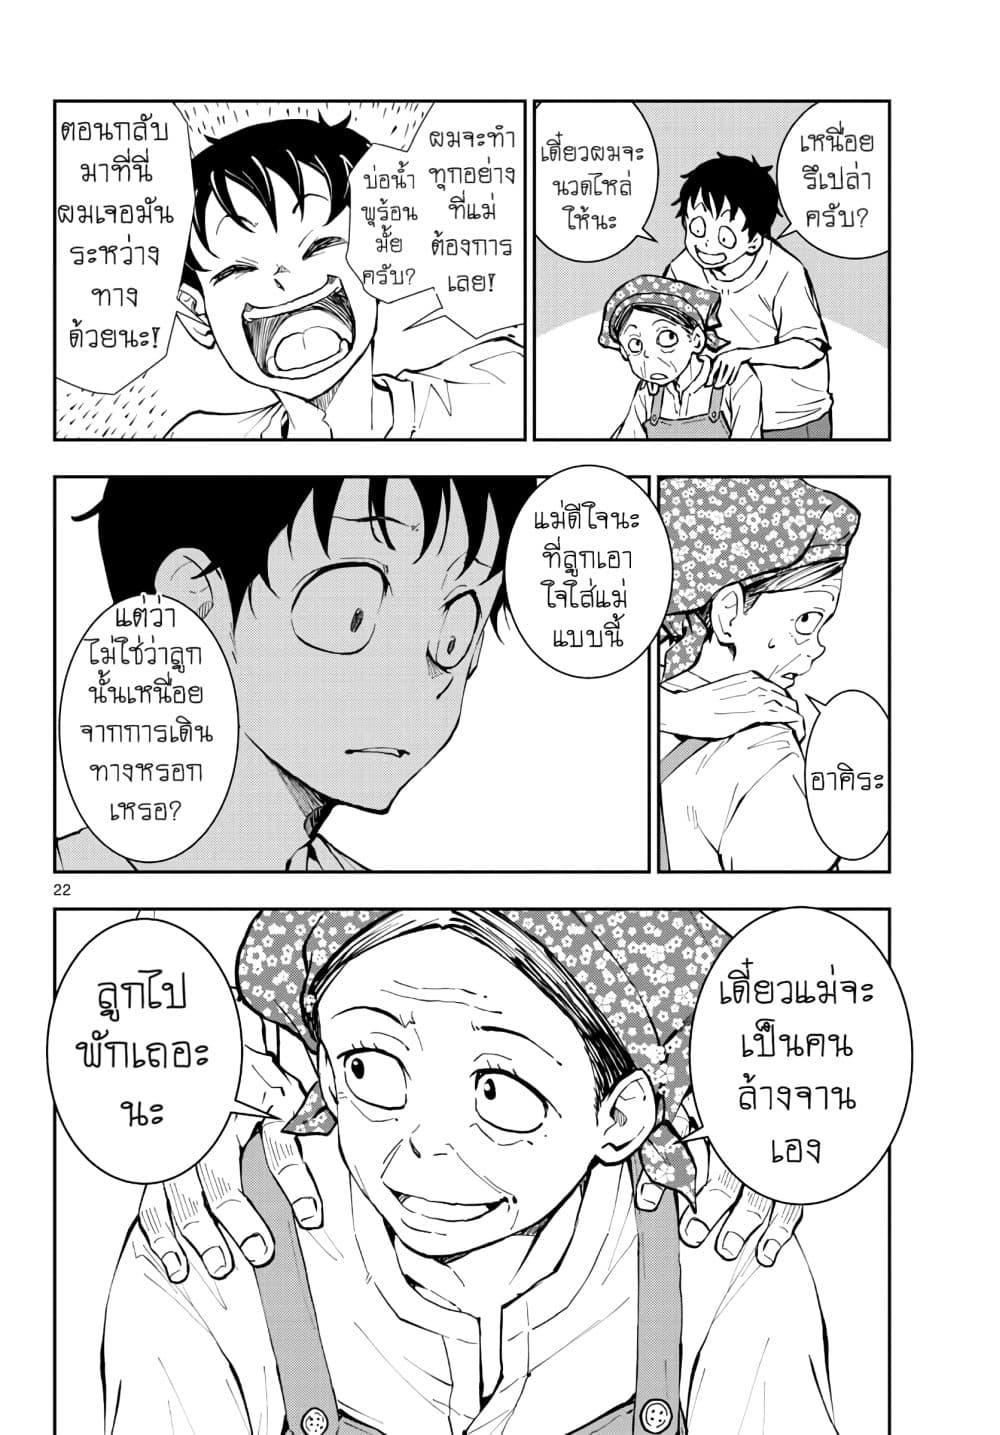 อ่านการ์ตูน Zombie 100 Zombie Ni Naru Made Ni Shitai 100 no koto ตอนที่ 15 หน้าที่ 21